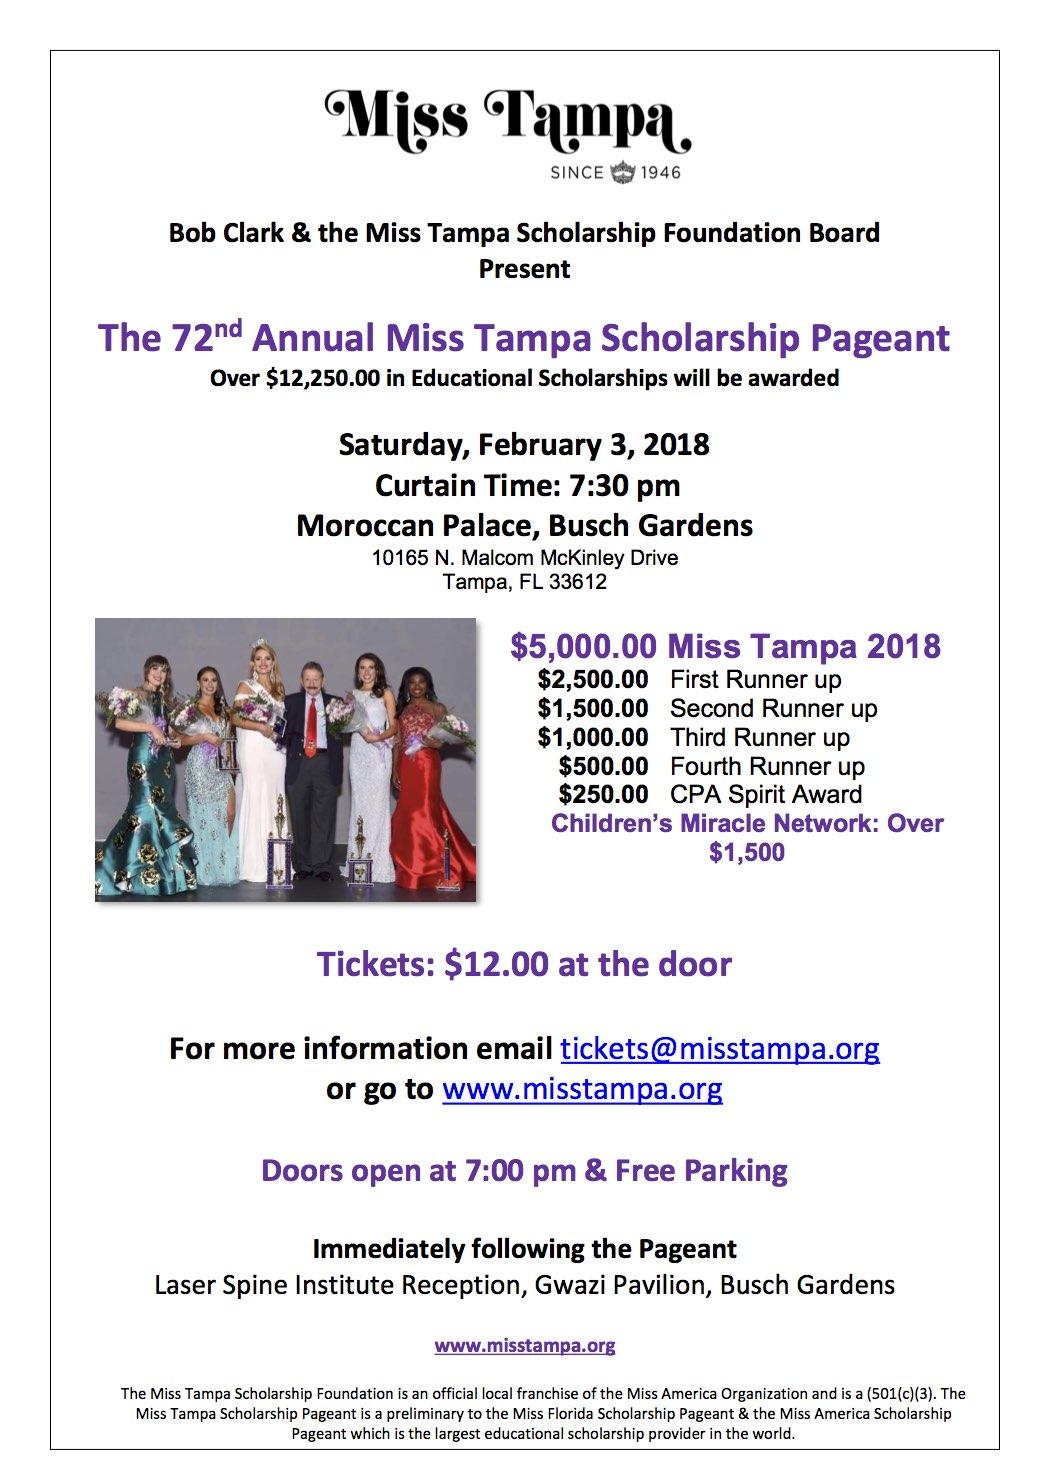 Miss Tampa 2018 invite v1.0 1.19.18.jpg